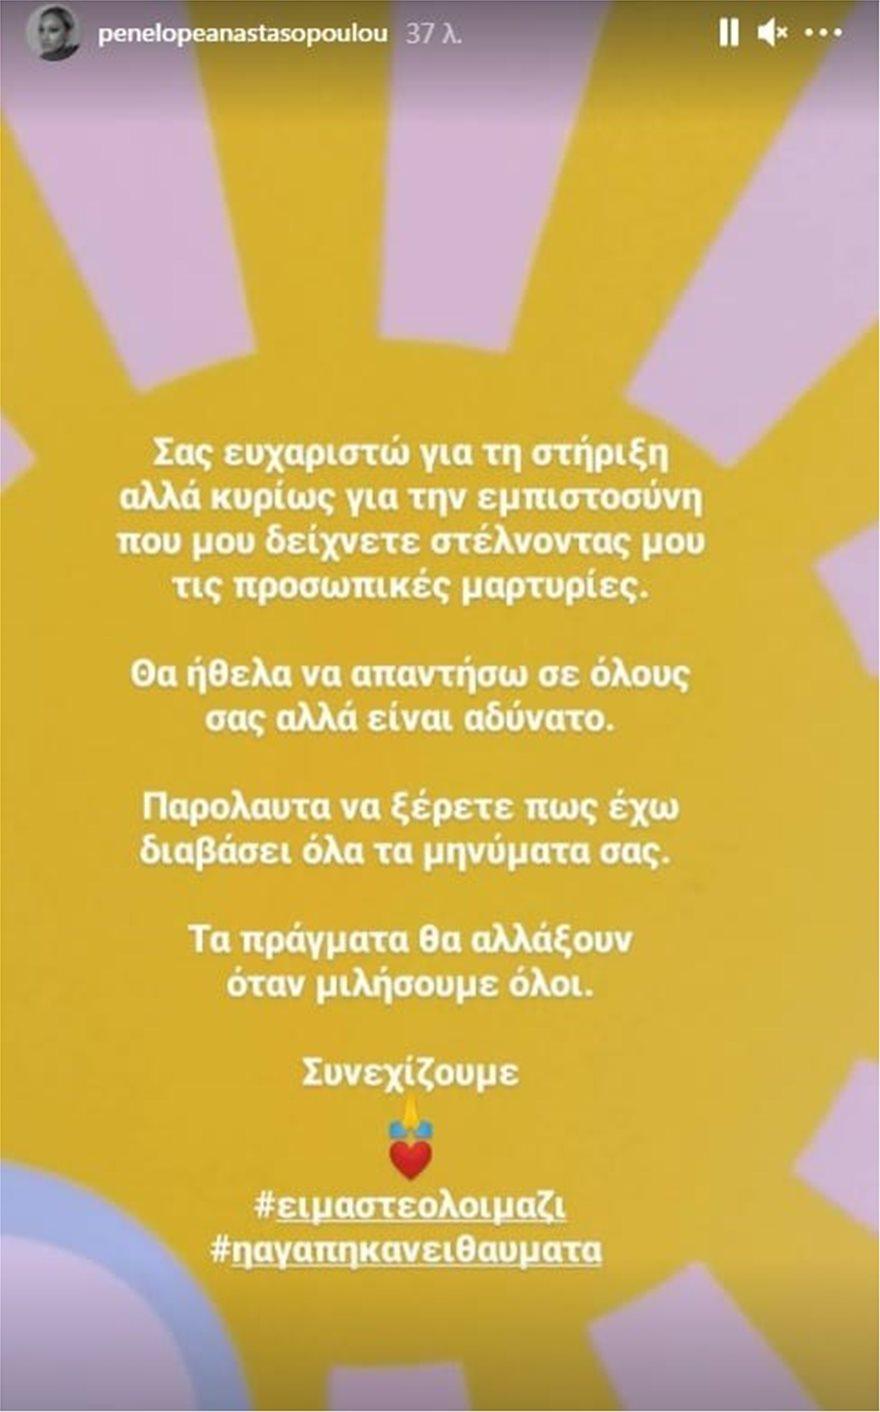 anastasopoulou_1_2_3_4_5_6